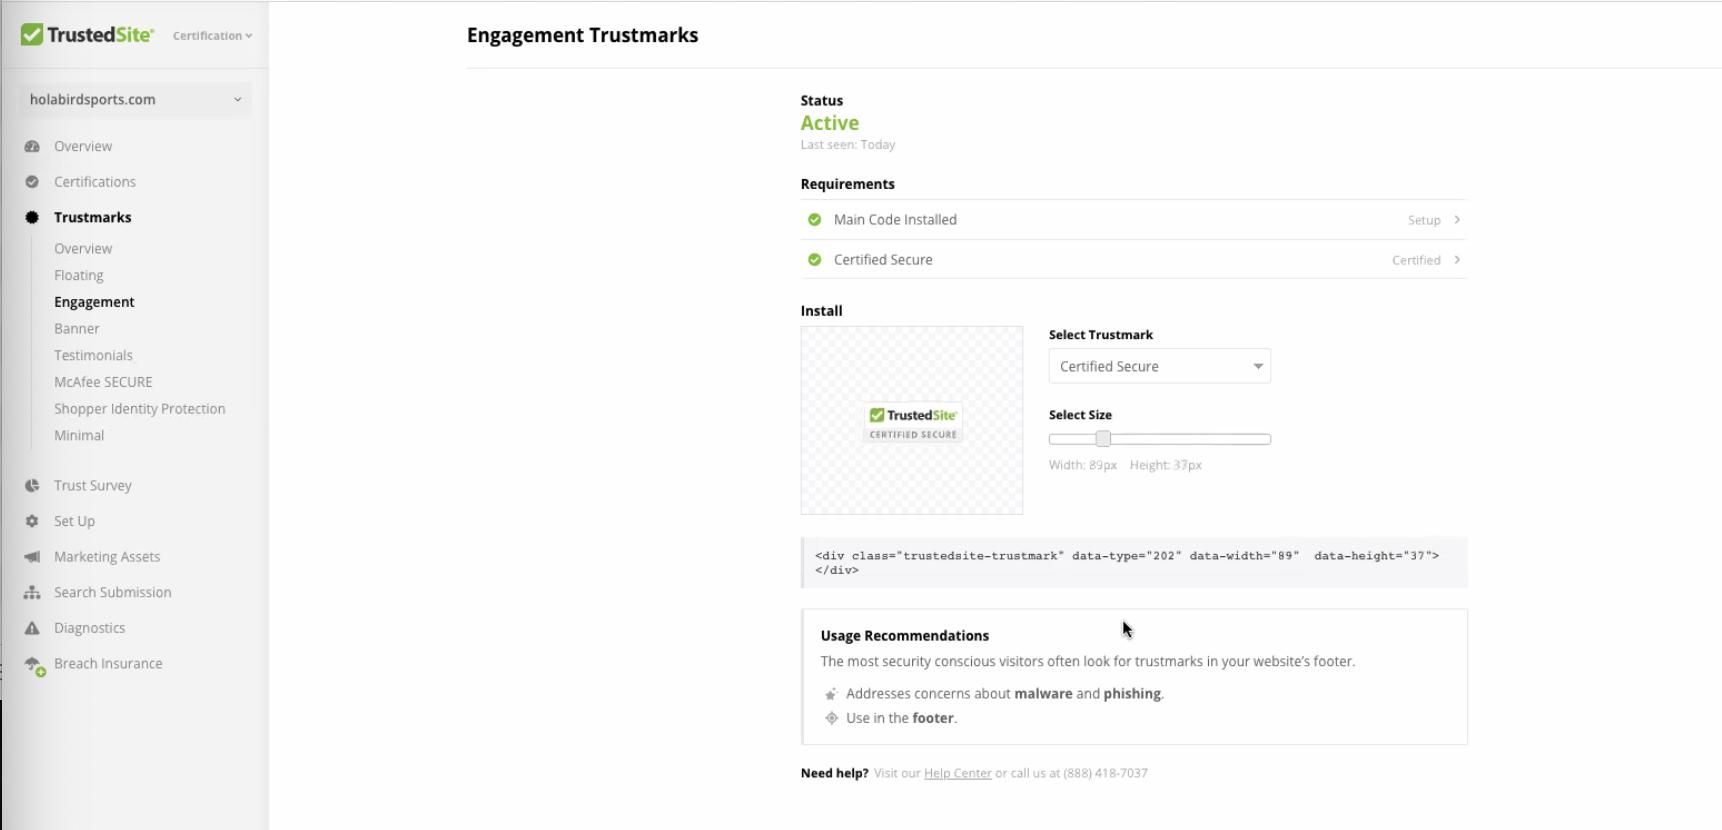 TrustedSite Engagement Trustmarks